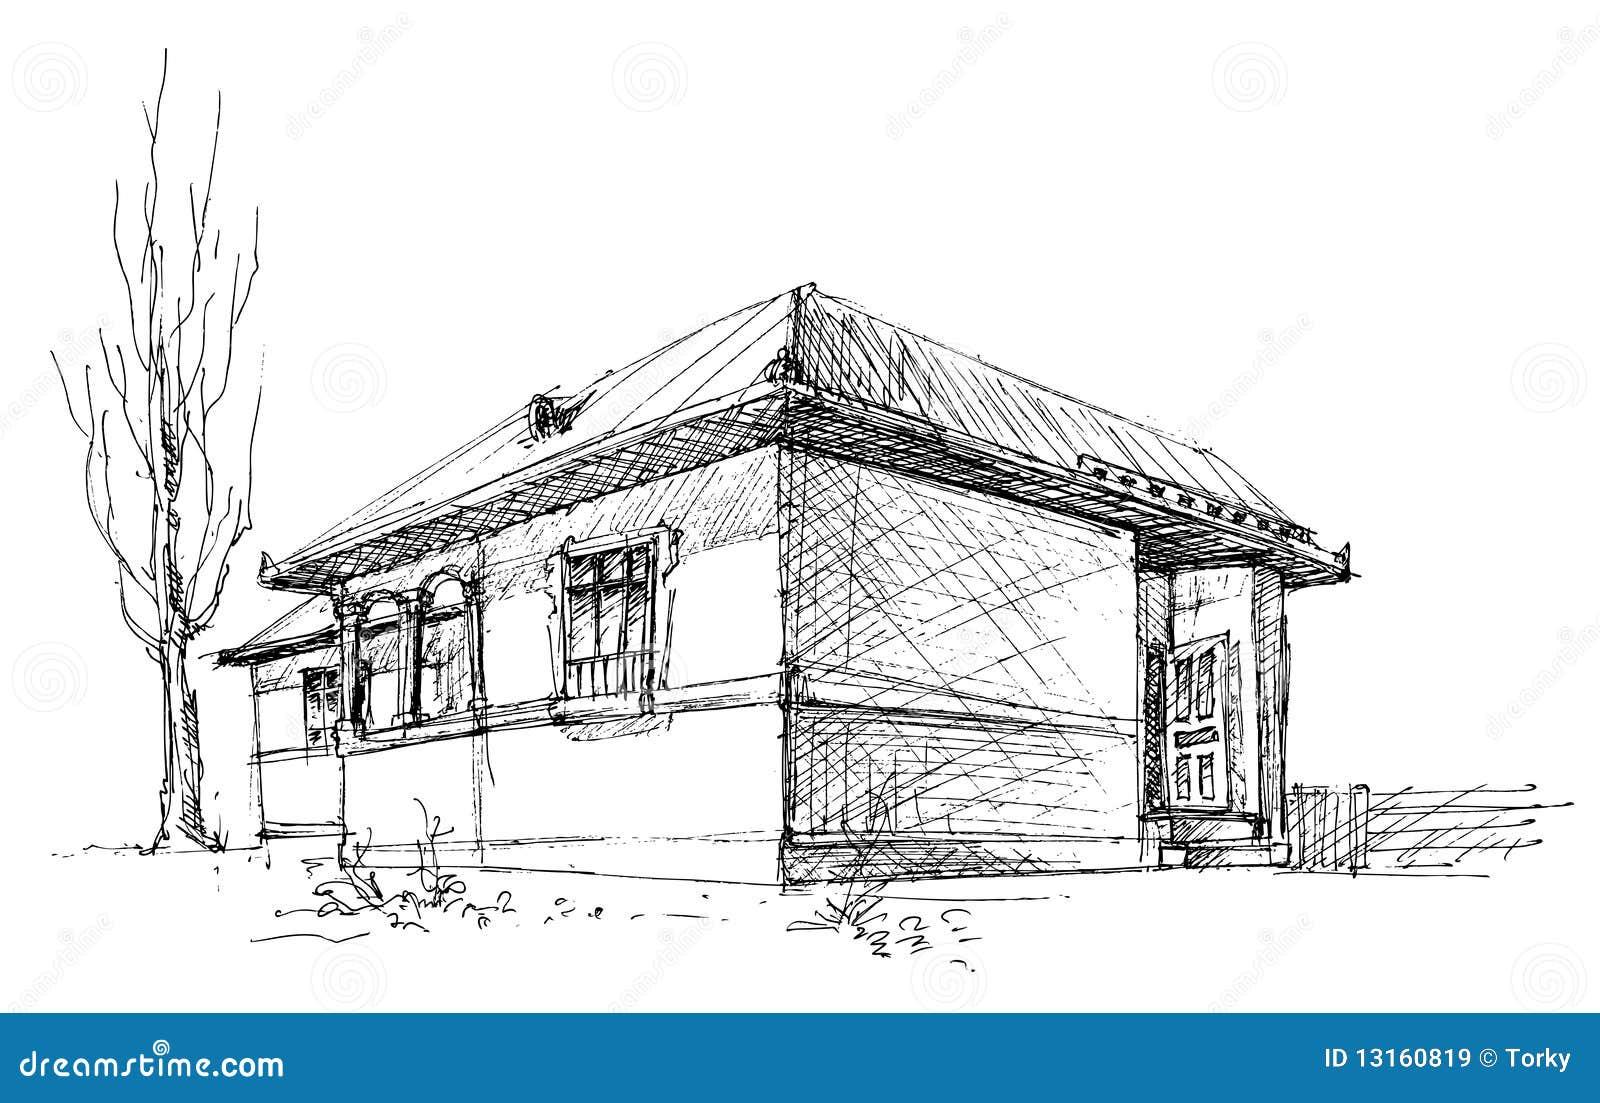 De schets van het huis vector illustratie afbeelding for Huizen tekenen